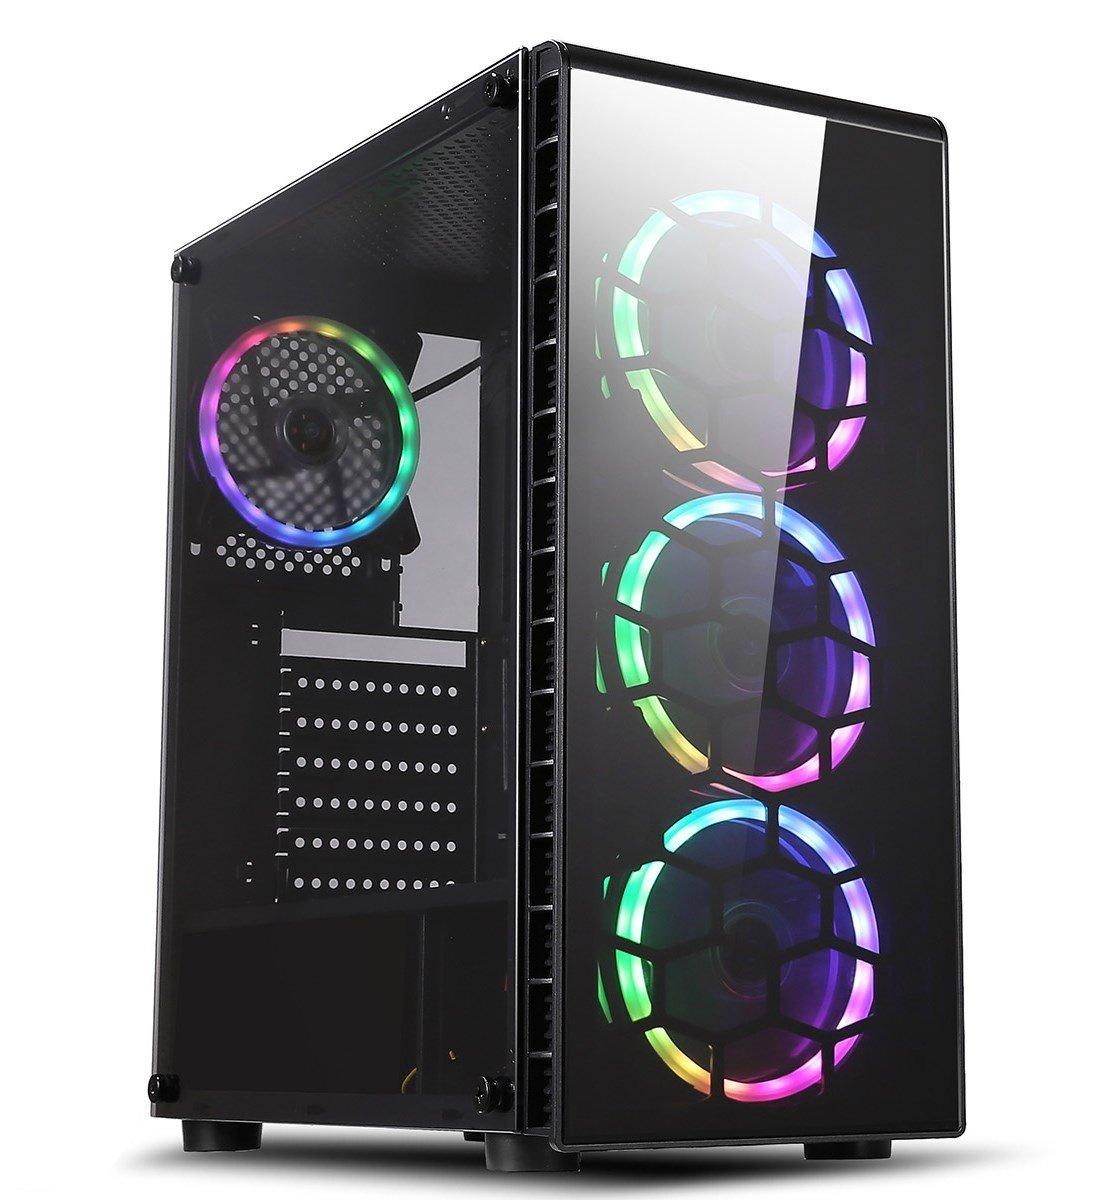 3-Port USB3.0 PC Desktop Computer Case External Power Supply Switch Reset Button